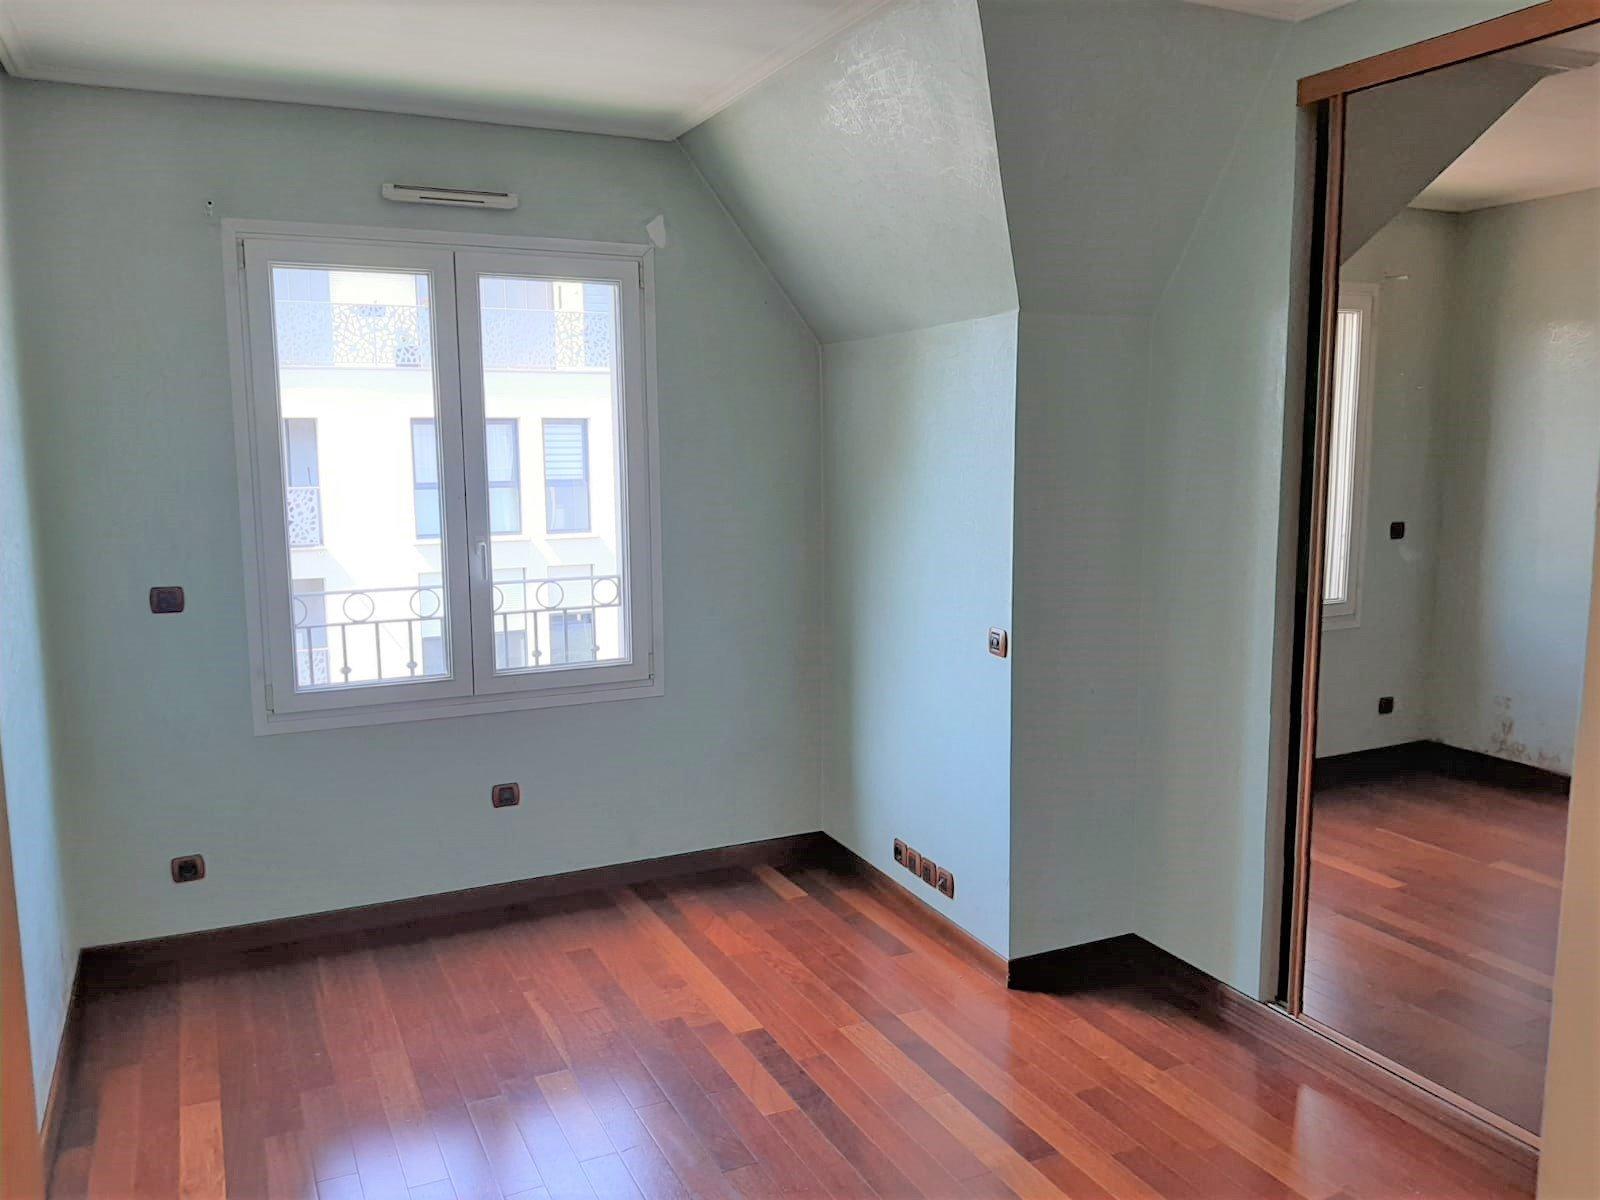 Appartement F3 de 75 m²